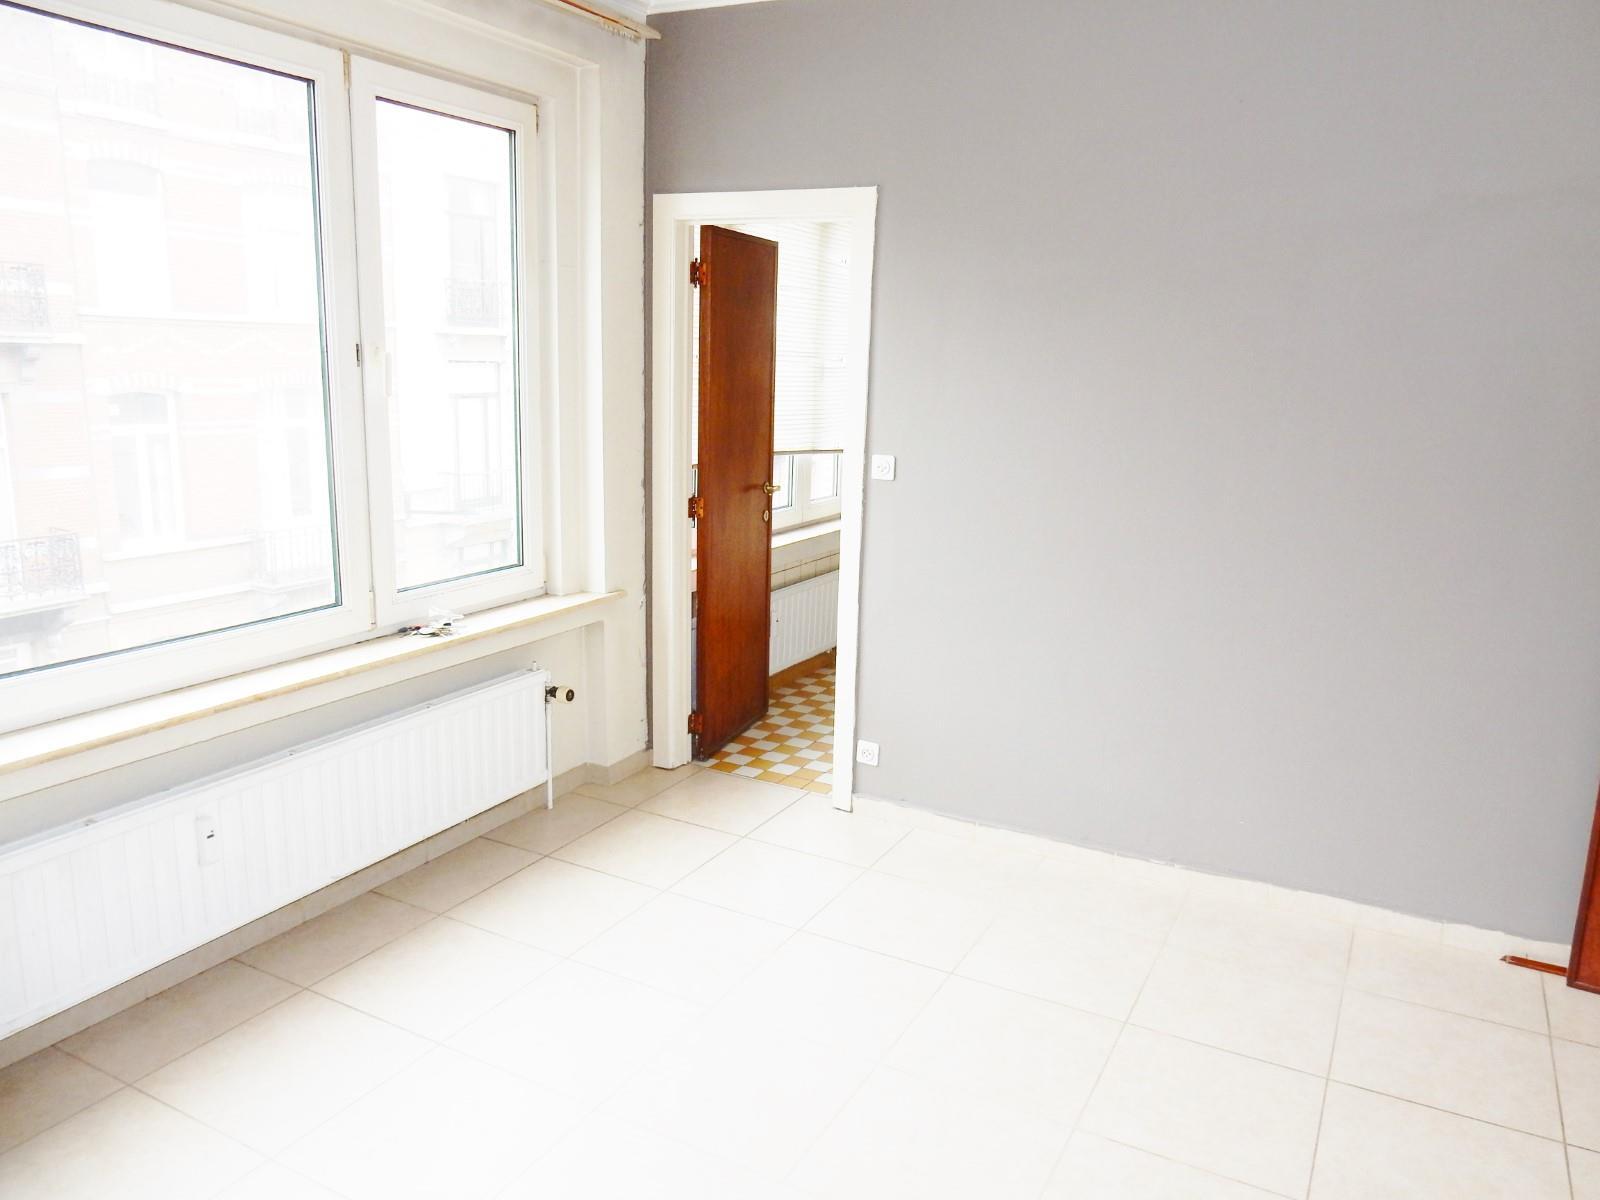 Flat - Ixelles - #3332506-3